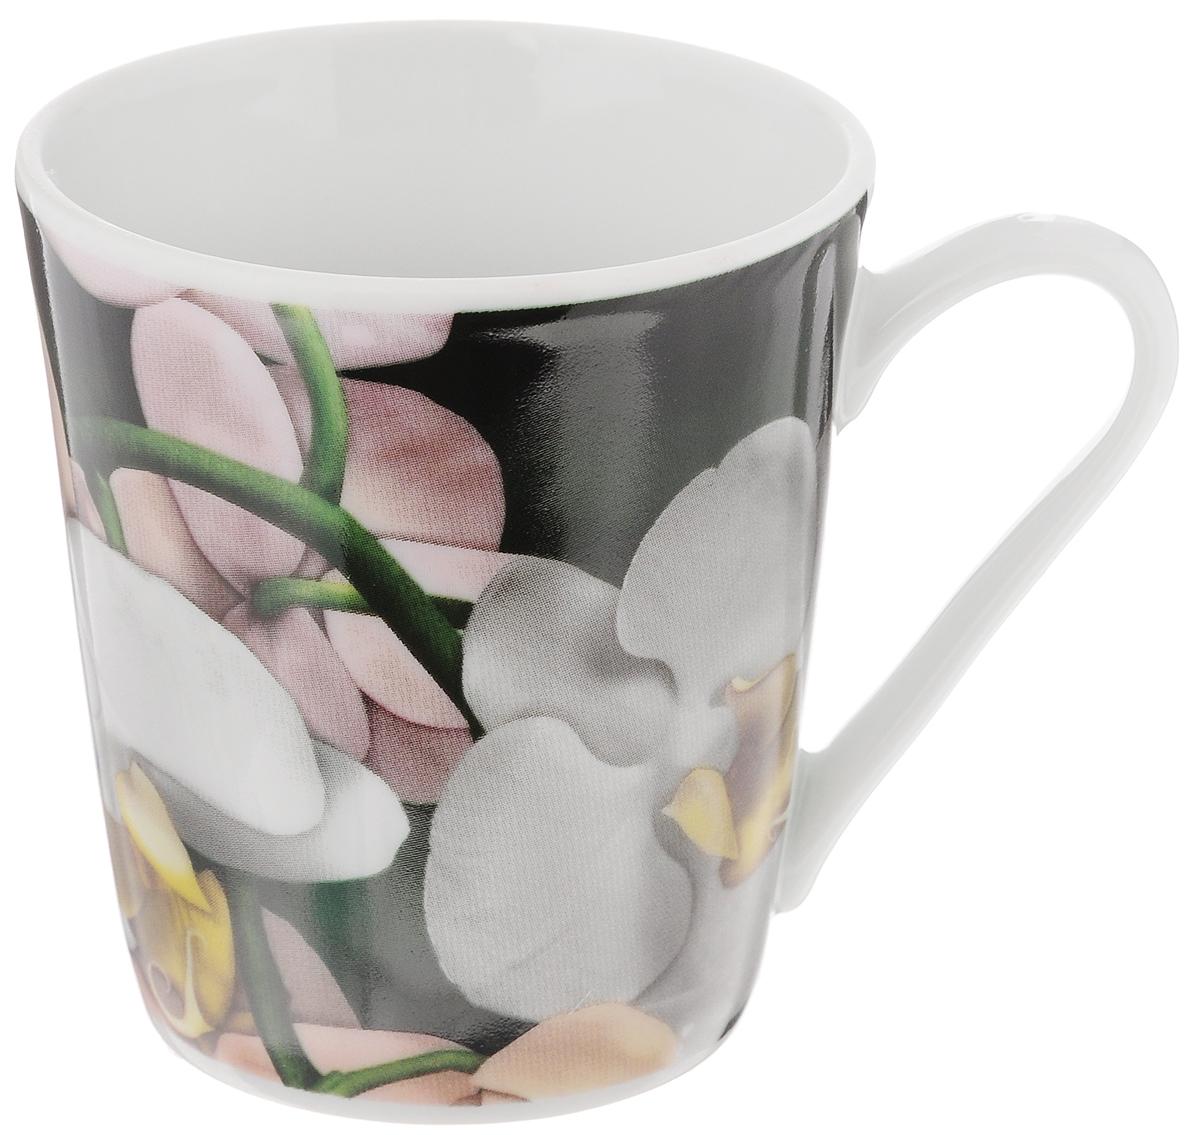 Кружка Классик. Орхидея, цвет: зеленый, серый, 300 мл3С0493_зеленый, серыйКружка Классик. Орхидея изготовлена из высококачественного фарфора. Изделие оформлено красочным цветочным рисунком и покрыто превосходной глазурью. Изысканная кружка прекрасно оформит стол к чаепитию и станет его неизменным атрибутом. Диаметр кружки (по верхнему краю): 8,5 см. Высота стенок: 9,5 см.